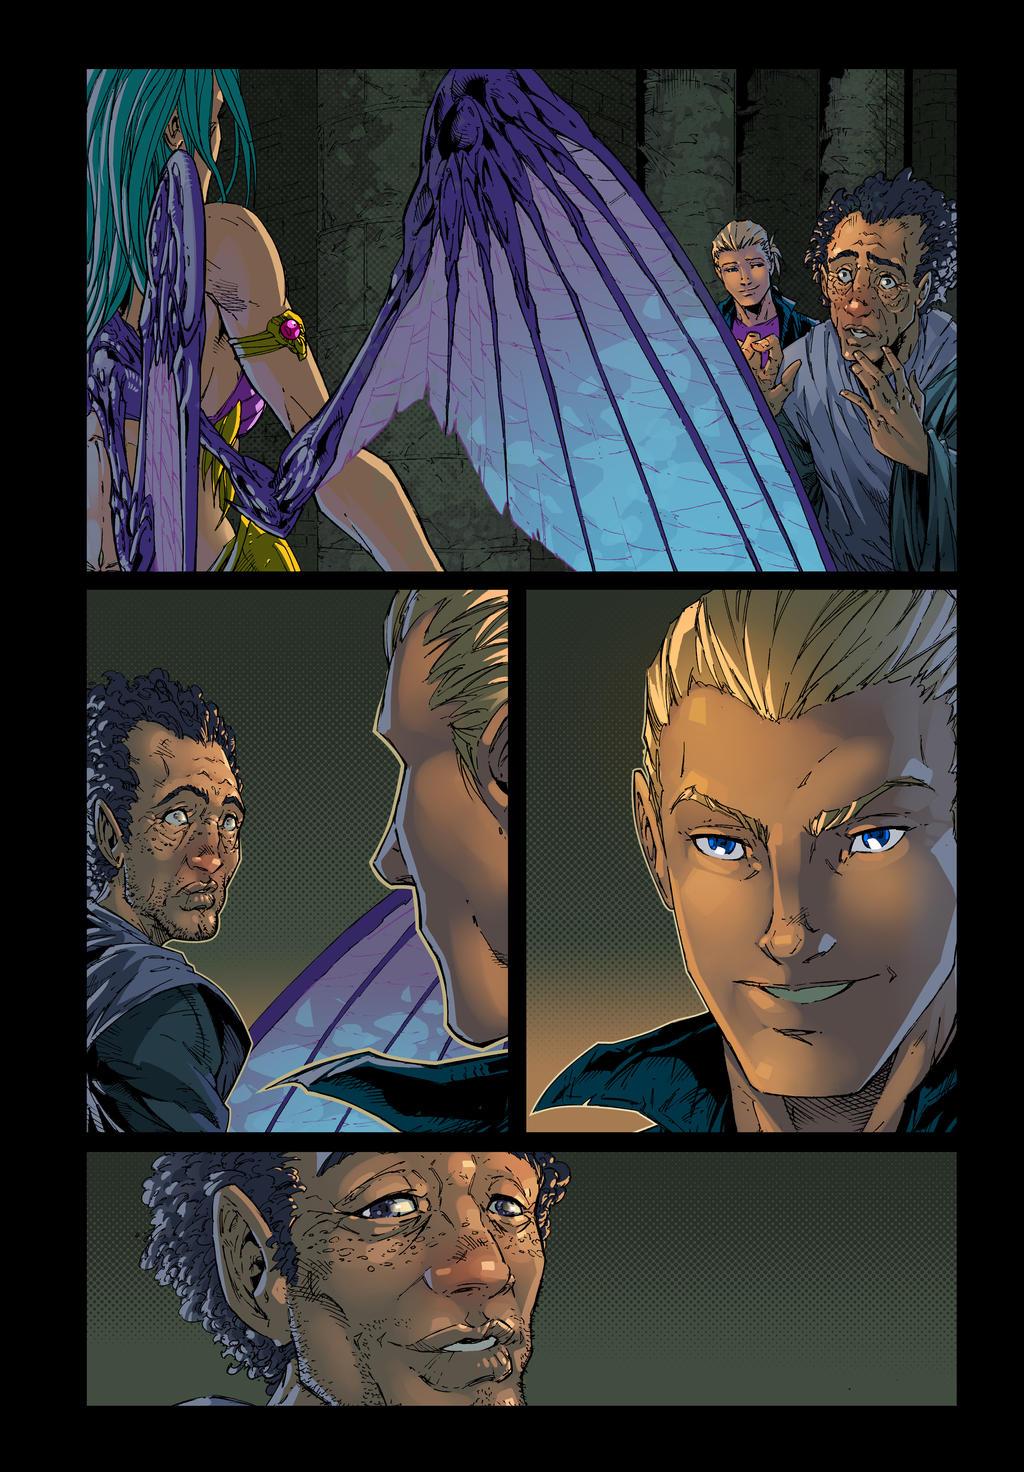 aspen comics wallpaper - photo #38